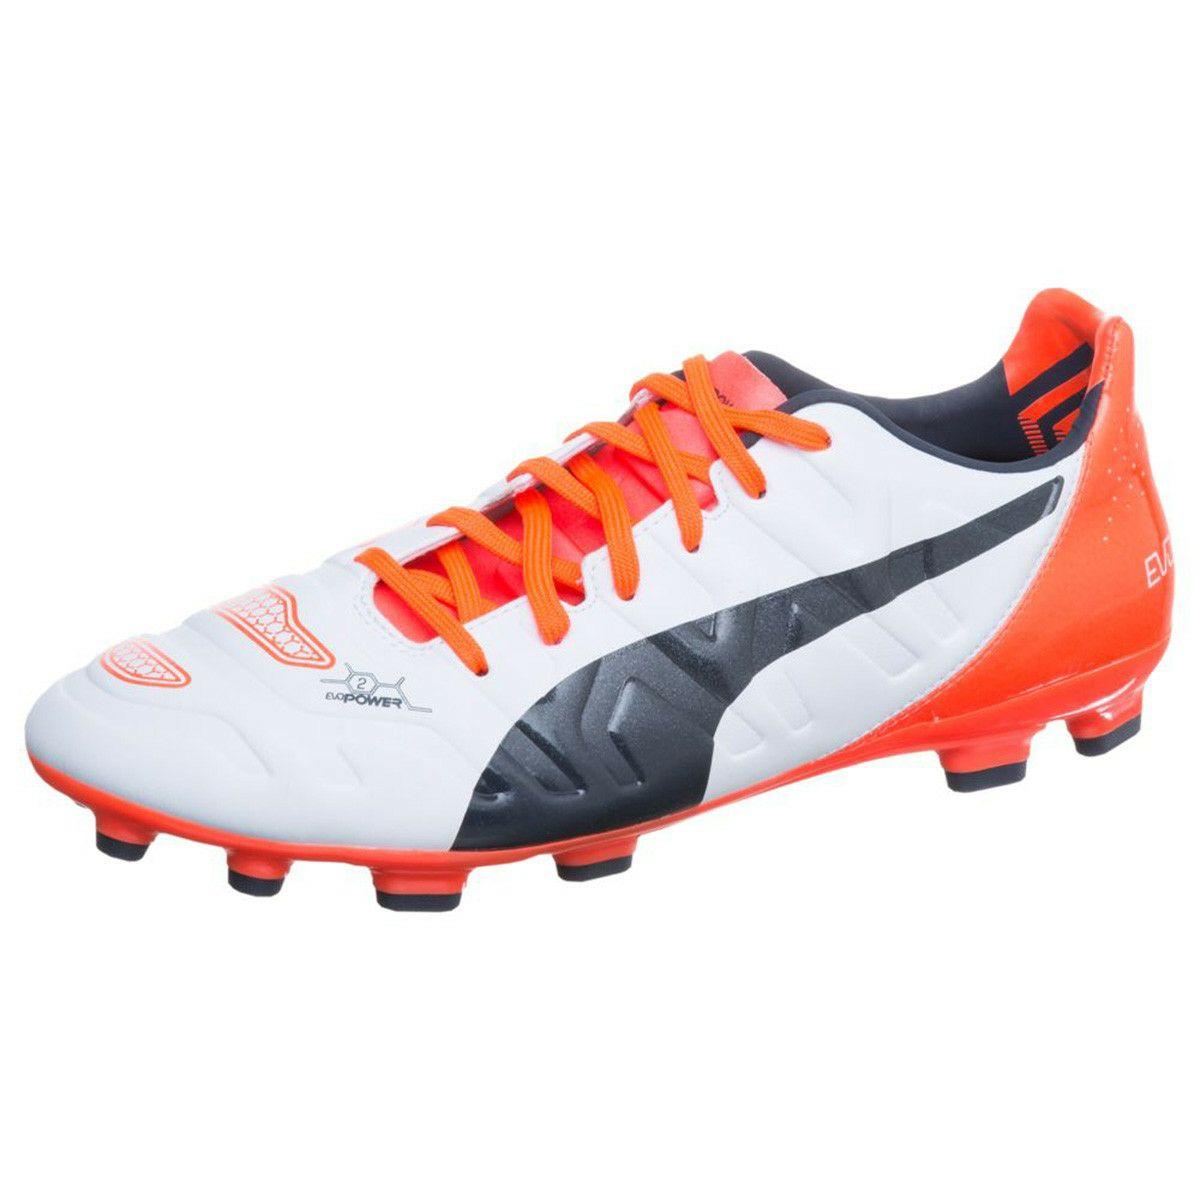 Chaussures de Football pour homme Puma EvoPower 2.2 (tailles 41 à 44)